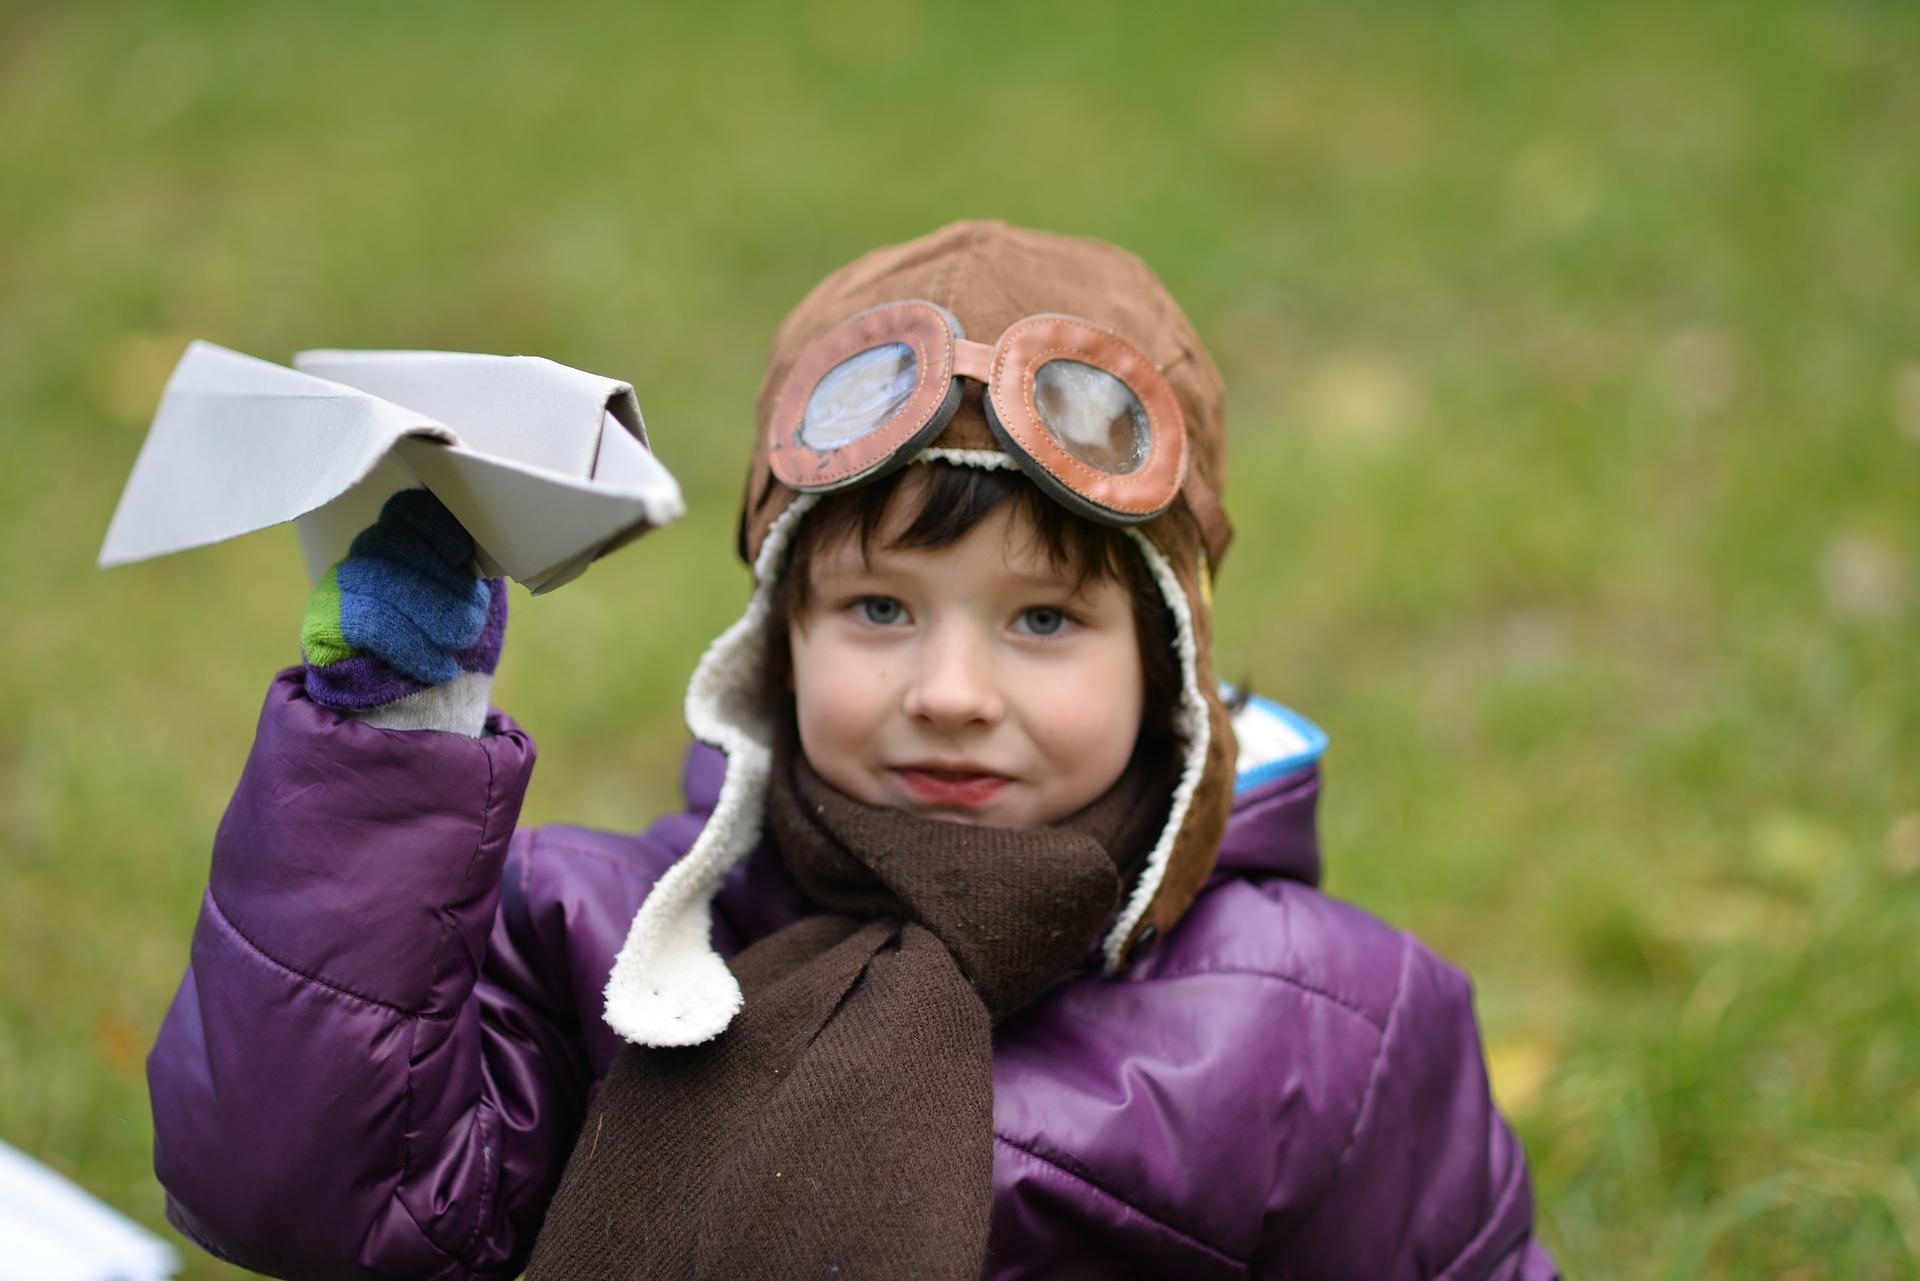 Der Traum vom Fliege, Kind mit Papierflieger